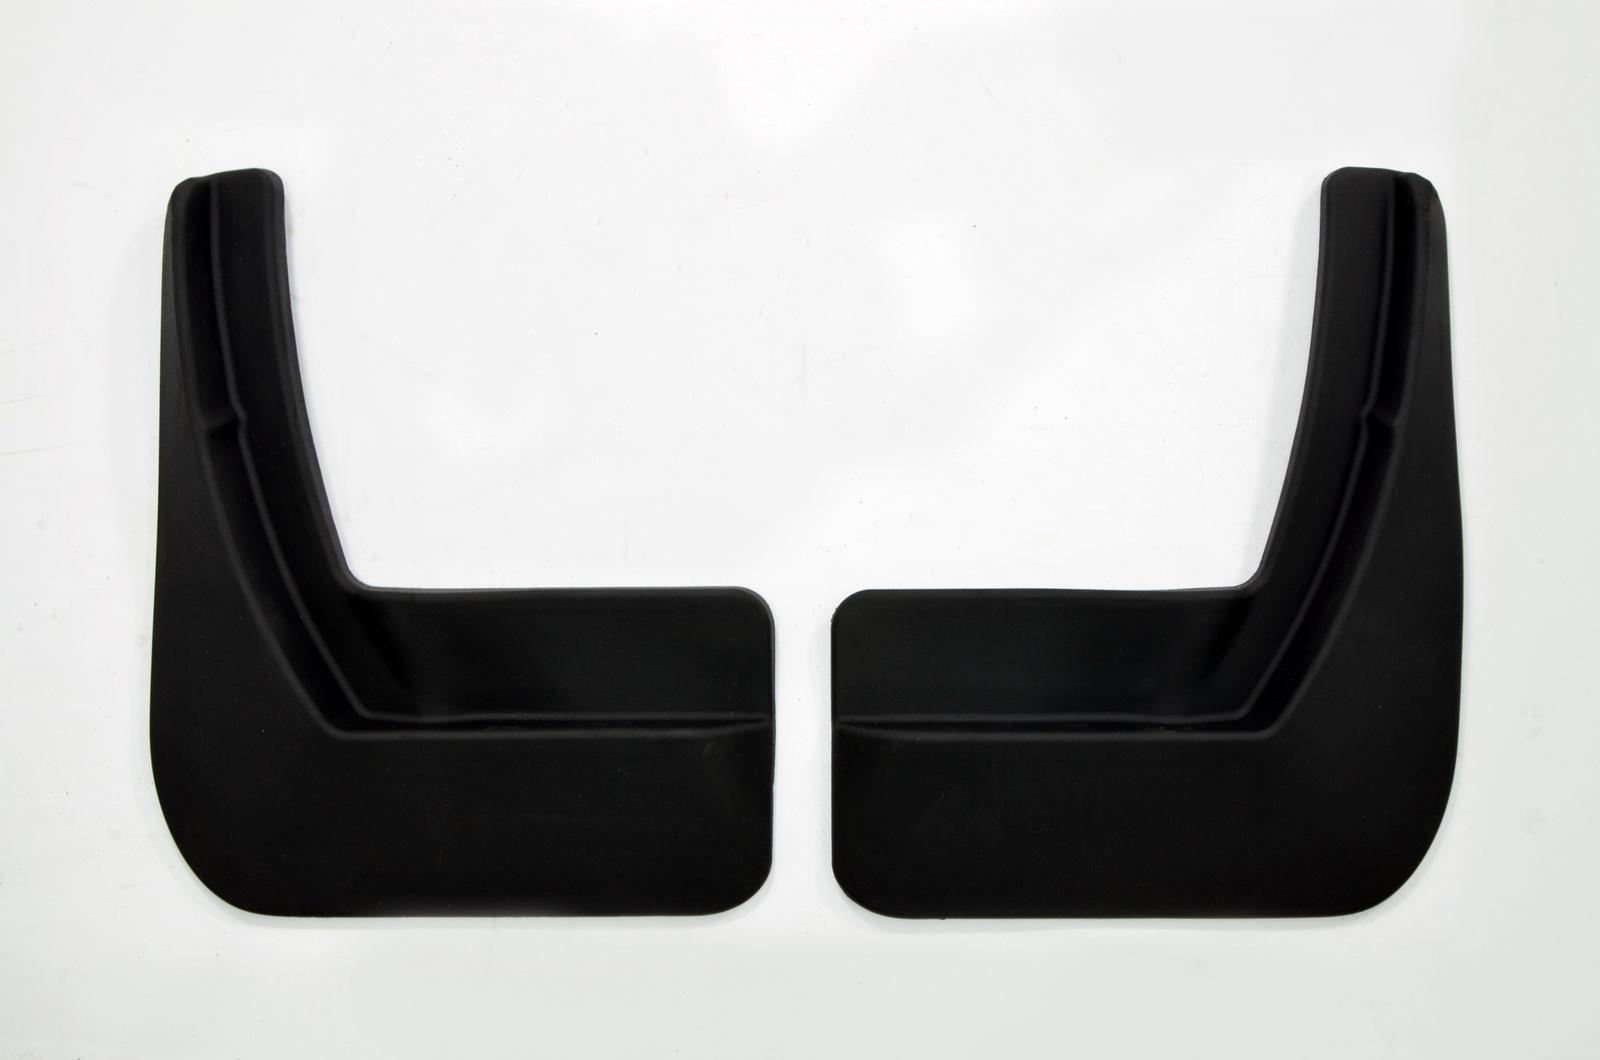 купить Брызговики резиновые для Renault Logan II (2014-) Задние онлайн